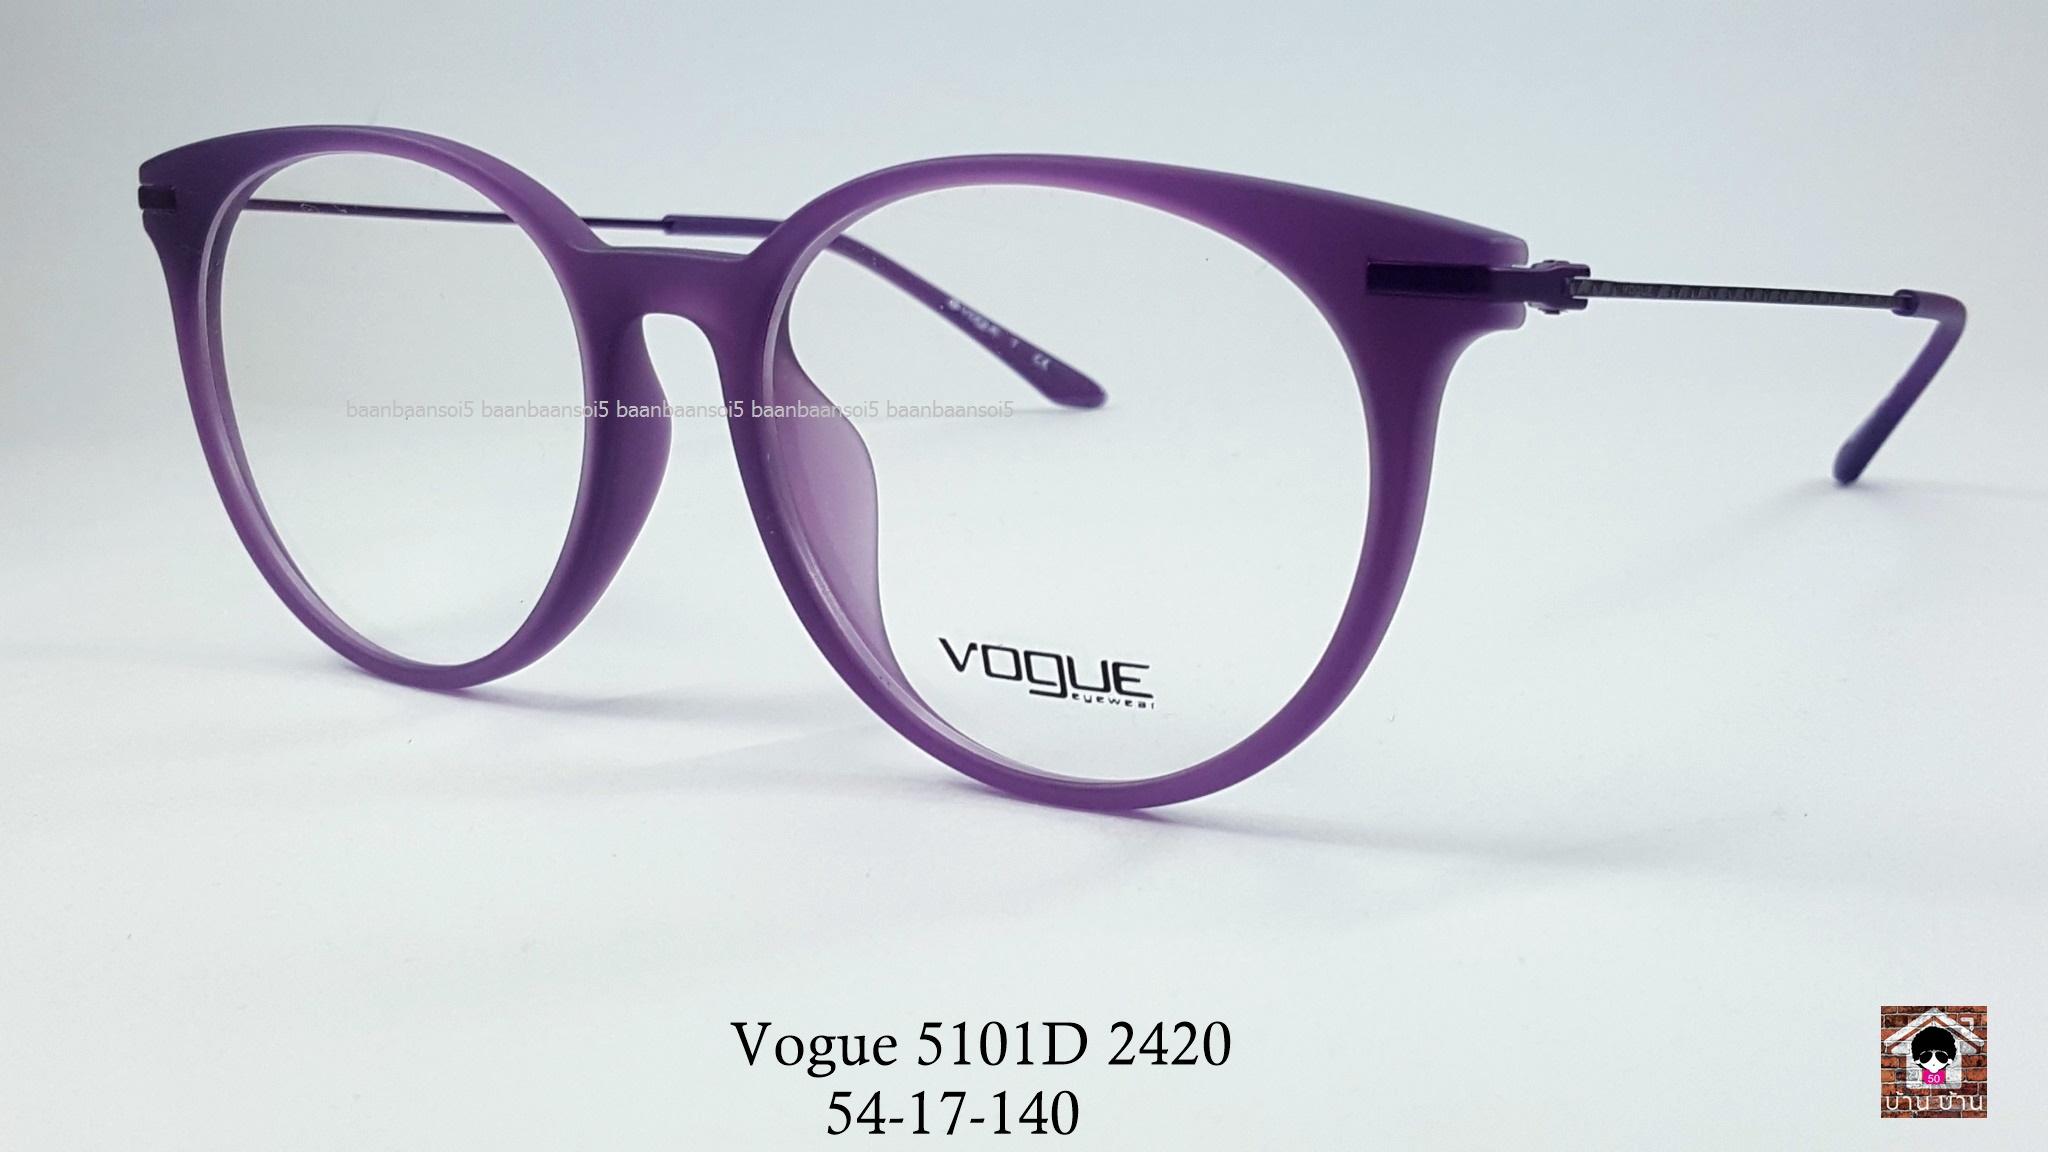 Vogue vo 5101D 2420 โปรโมชั่น กรอบแว่นตาพร้อมเลนส์ HOYA ราคา 2,700 บาท